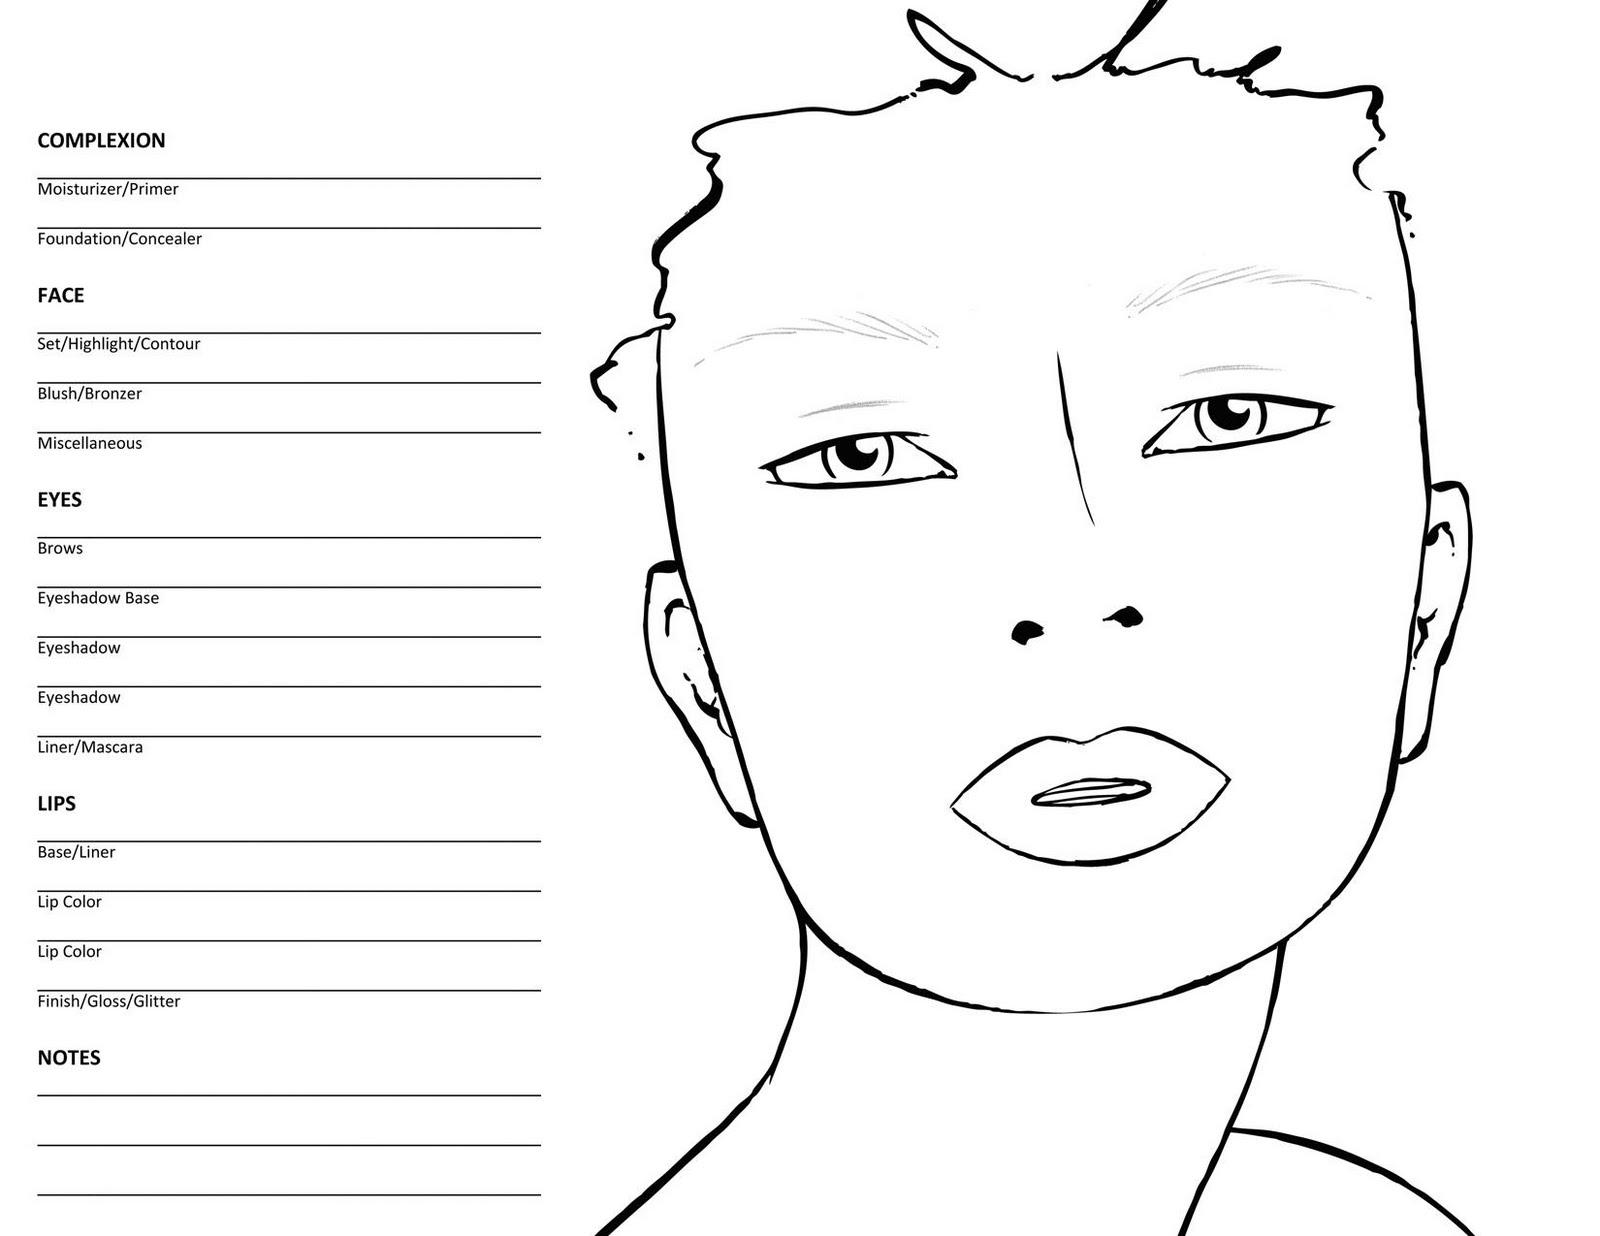 Blank Makeup Face Chart Template